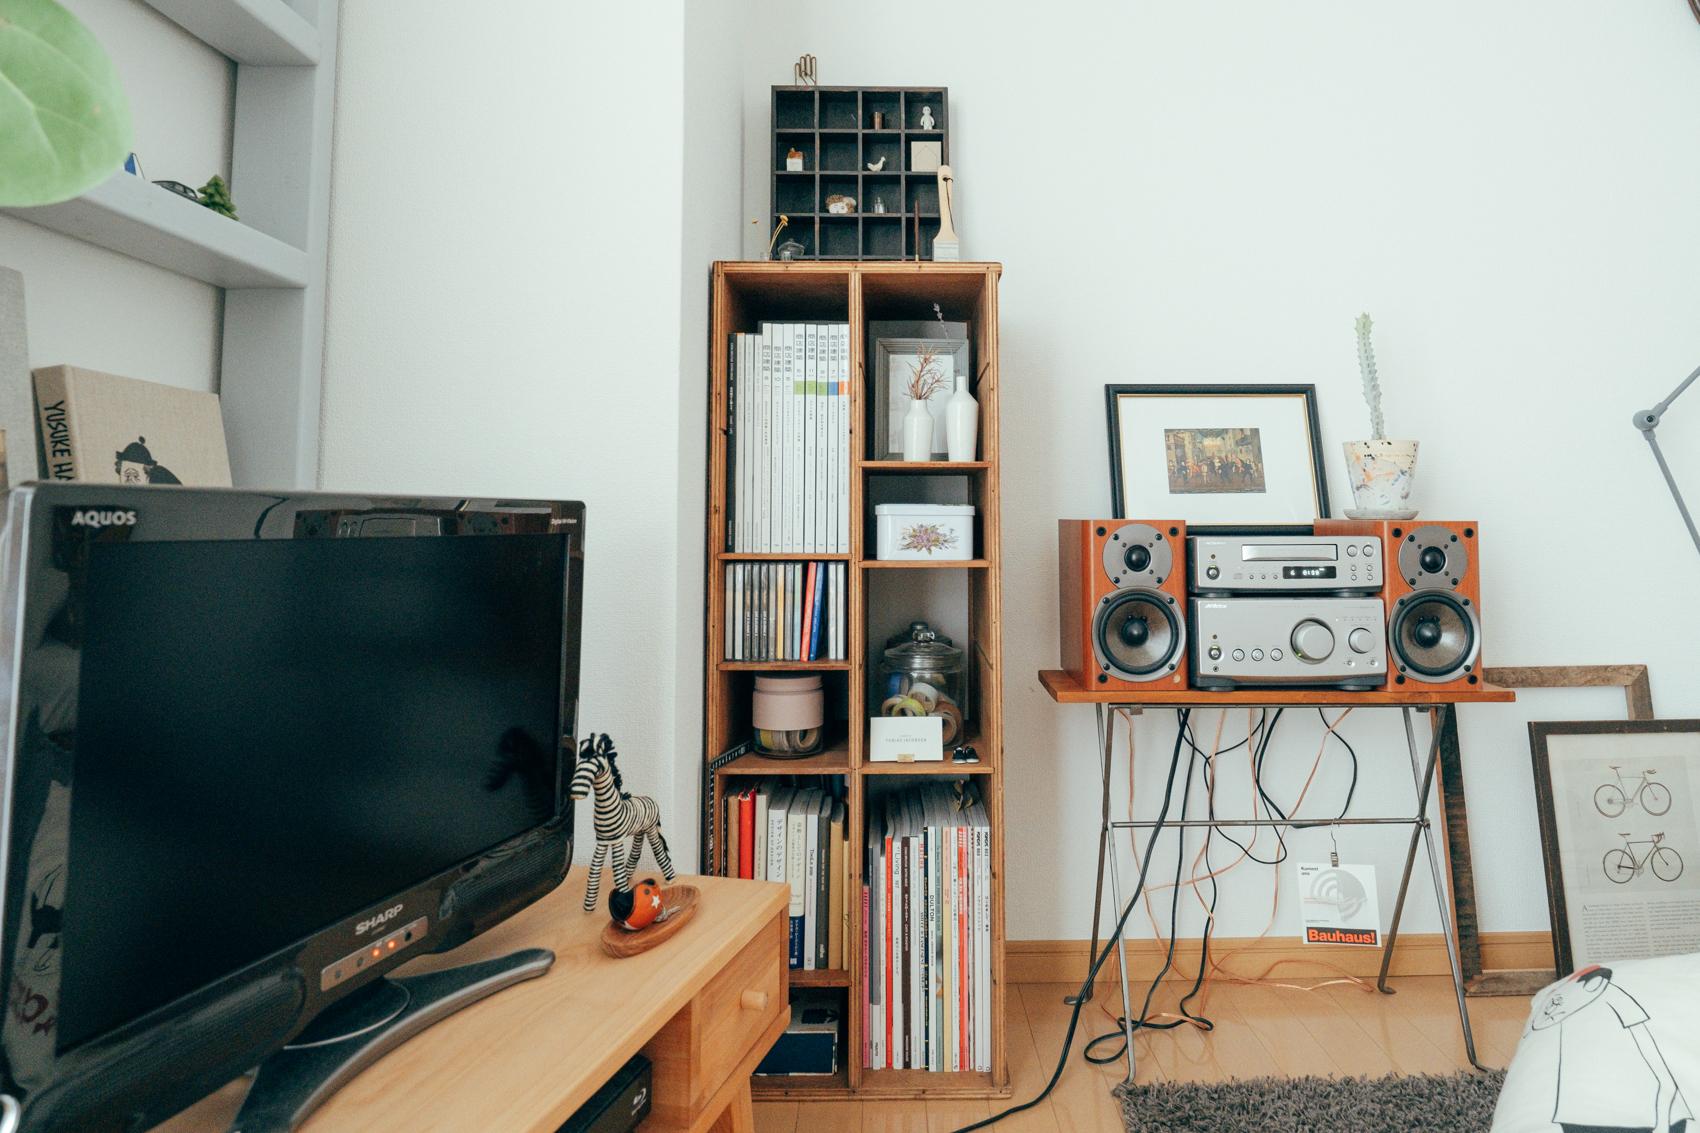 本棚を探していた時、何か本だけじゃなくて雑貨も飾れるような本棚が欲しいなと思っていて、京都にあるsowgenという日本の古道具やアンティークの家具を扱うお店で見つけたのがこの棚です。